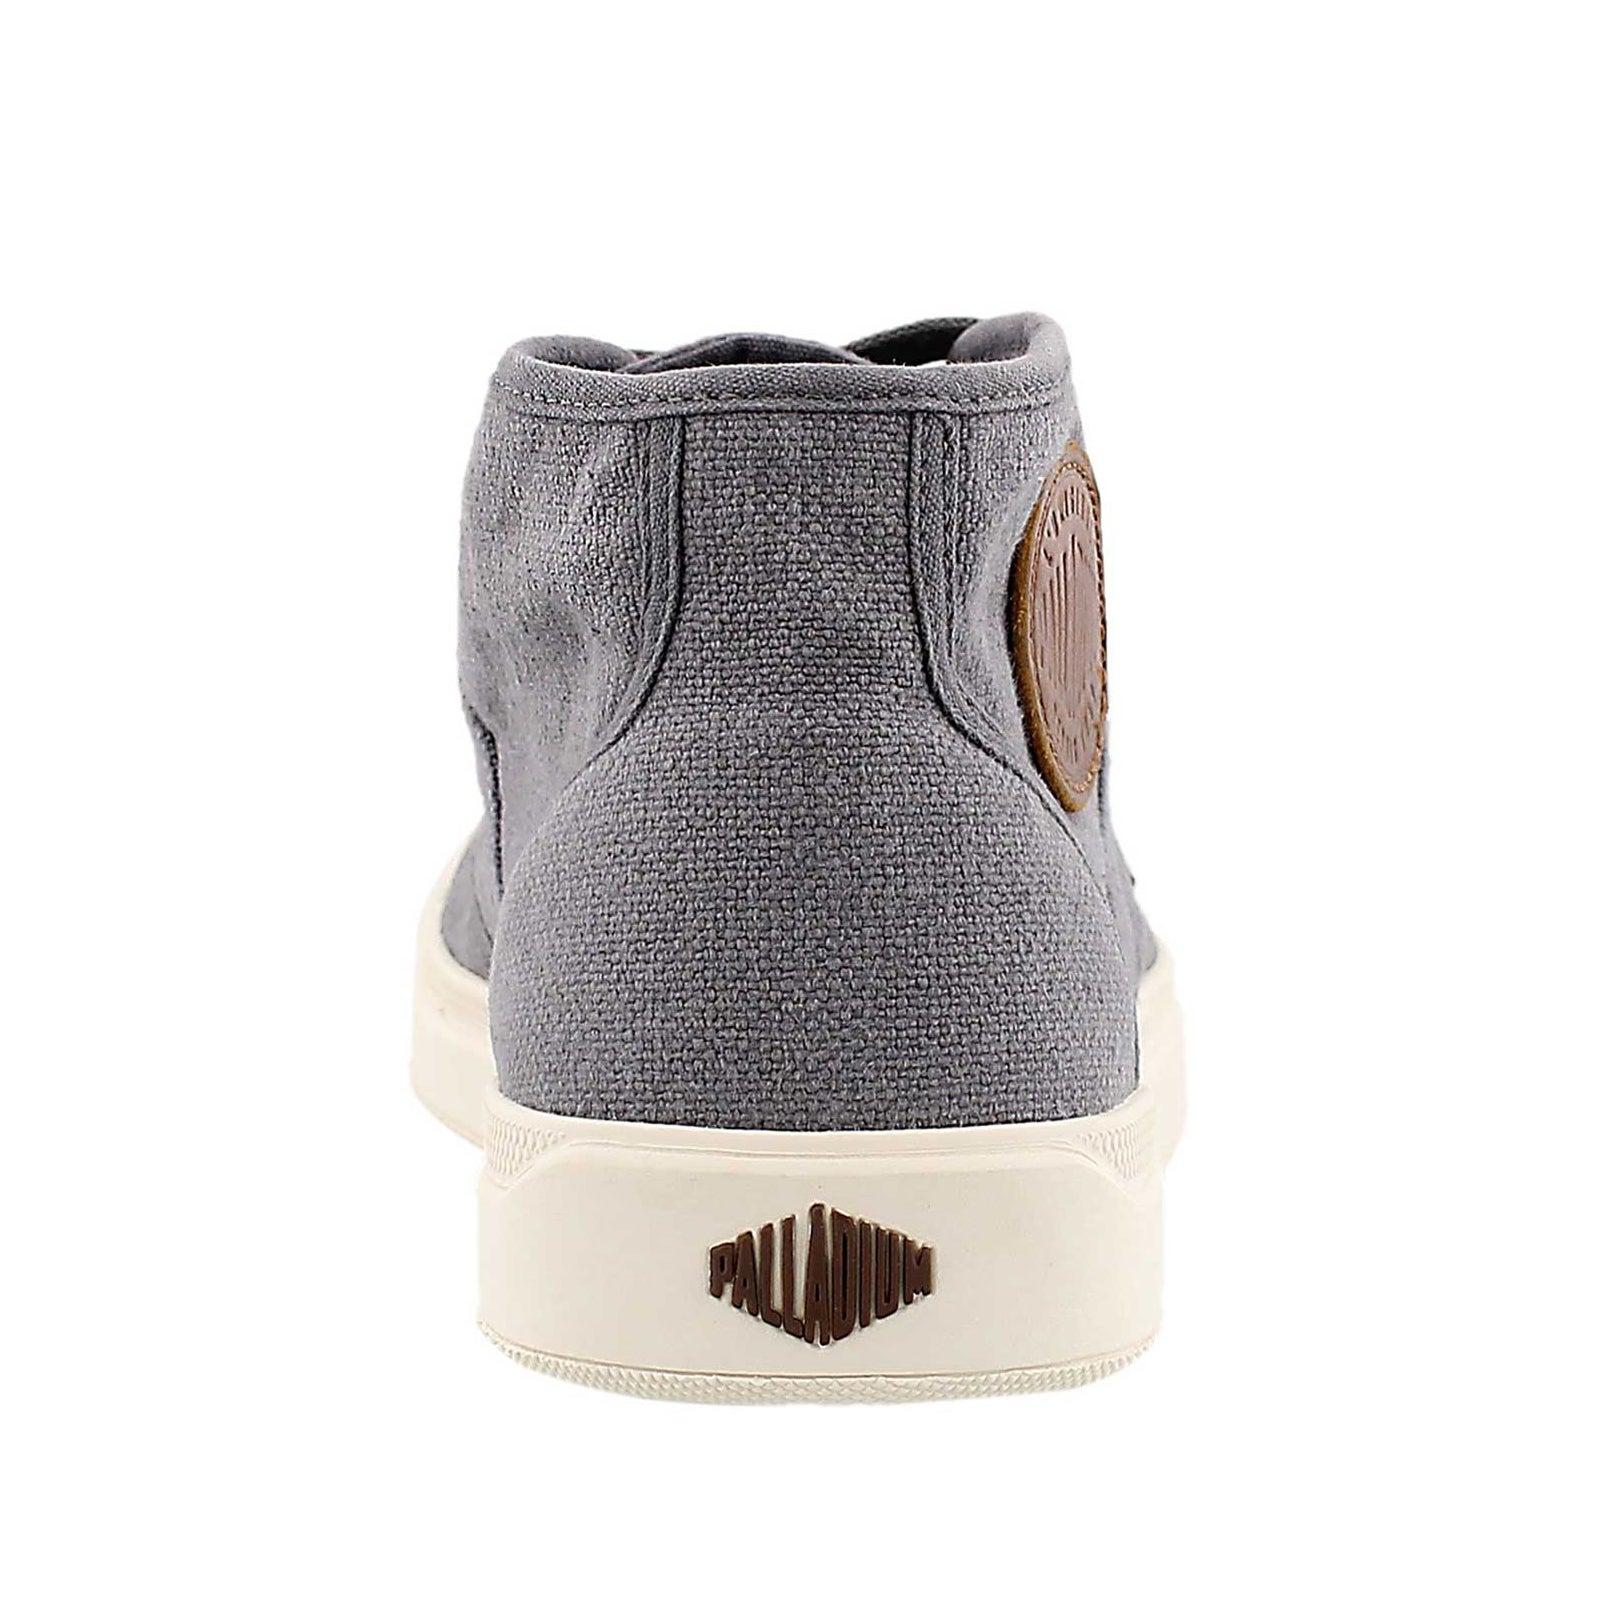 Mns Pallarue Mid castlerock sneaker